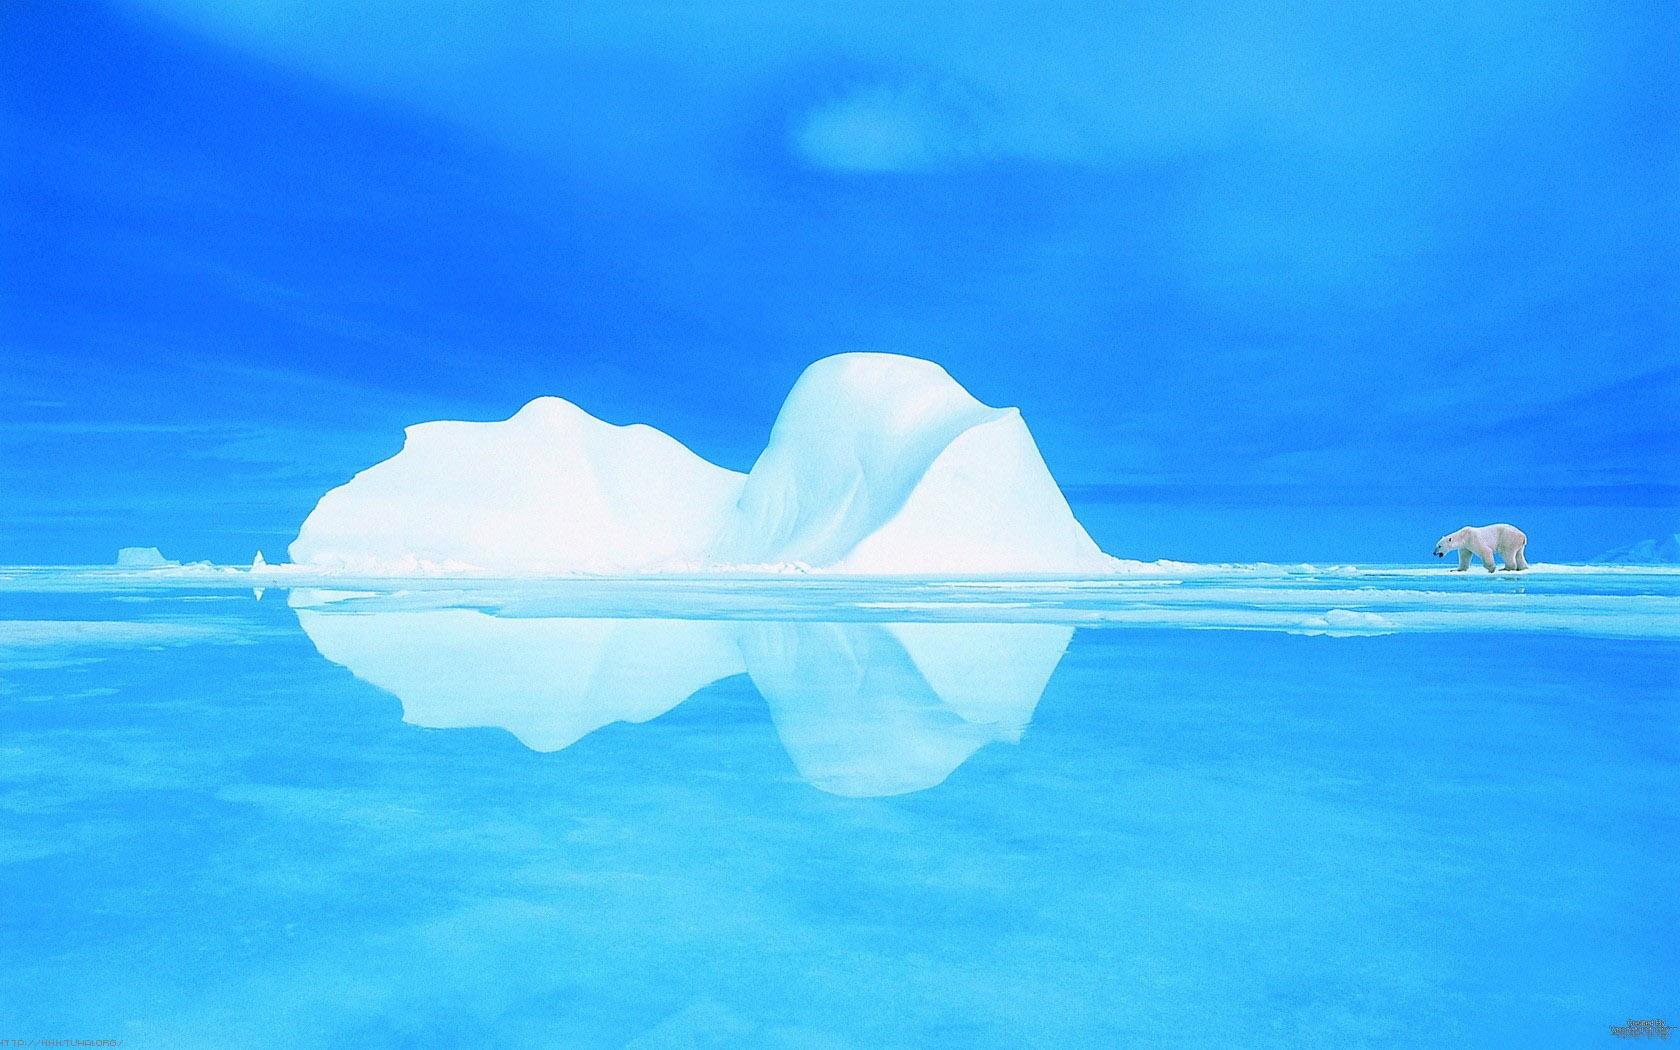 炫彩艺术摄影北极PPT背景图片免费下载是由PPT宝藏(www.pptbz.com)会员zengmin上传推荐的简约PPT背景图片, 更新时间为2017-01-22,素材编号120650。 北极(英文:North Pole;法文:Arctique)。北极地区的气候终年寒冷。北冰洋是一片浩瀚的冰封海洋,周围是众多的岛屿以及北美洲和亚洲北部的沿海地区。 北极:指地球自转轴的北端。 北极圈:指北寒带与北温带的界线,北纬66°34纬线圈。 北冰洋:指世界最小最浅和最冷的大洋。 北极地区:北冰洋和其周边海